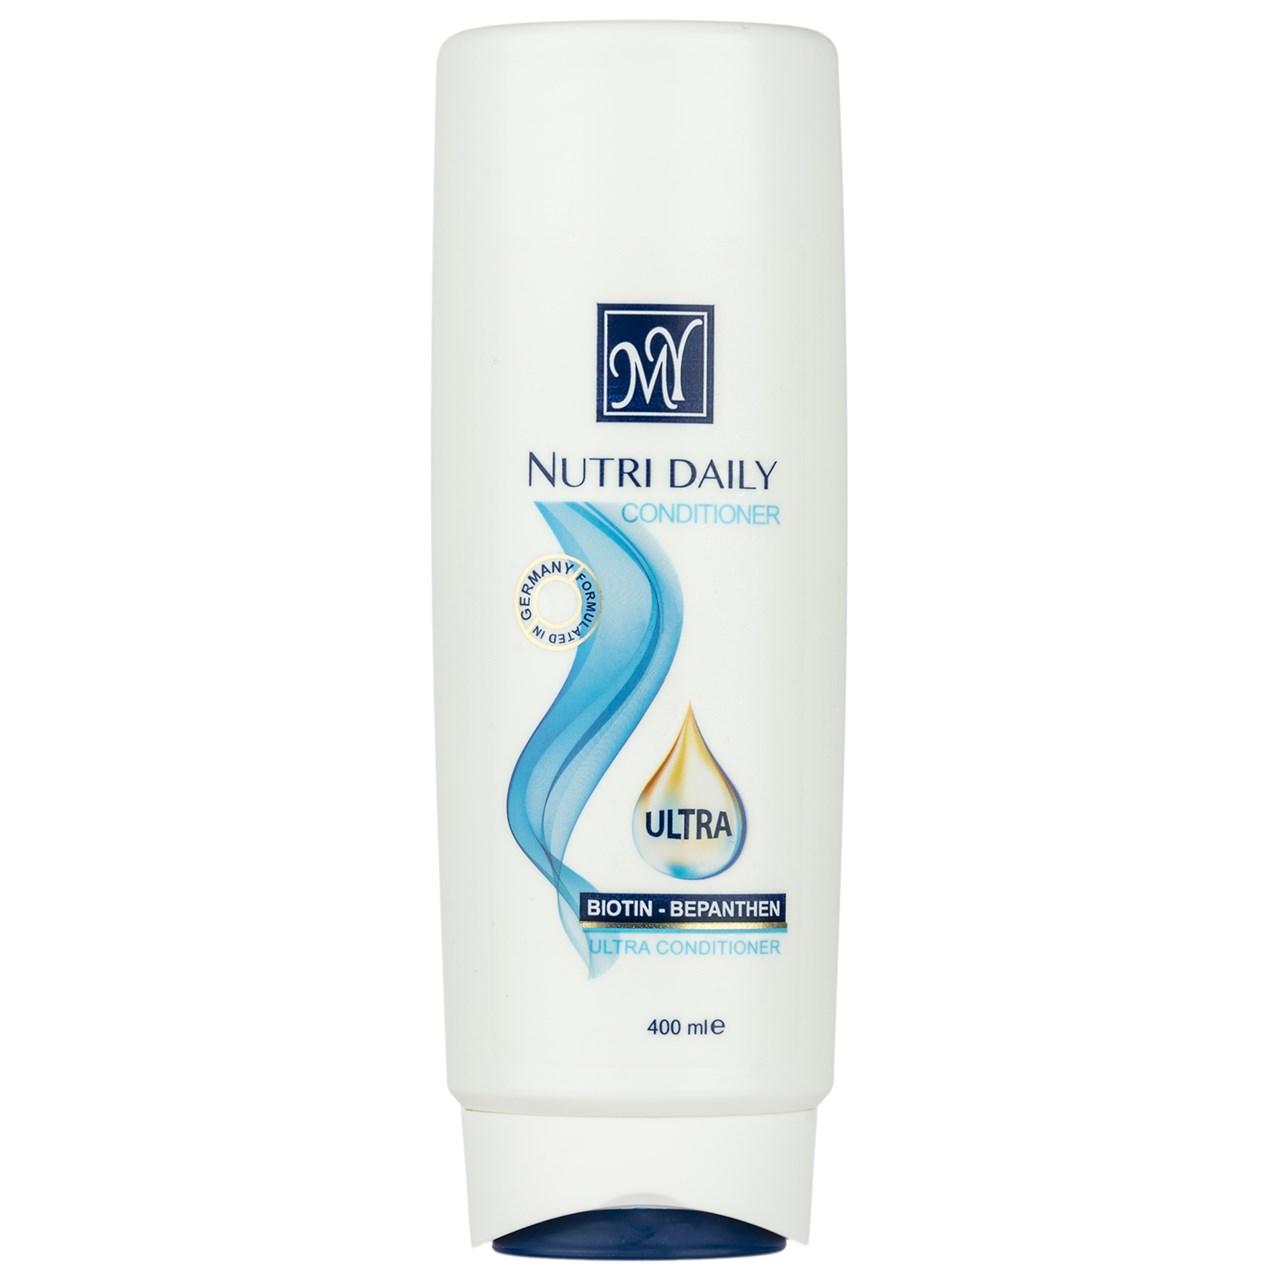 قیمت نرم کننده مای مدل Nutri Daily حجم 400 میلی لیتر